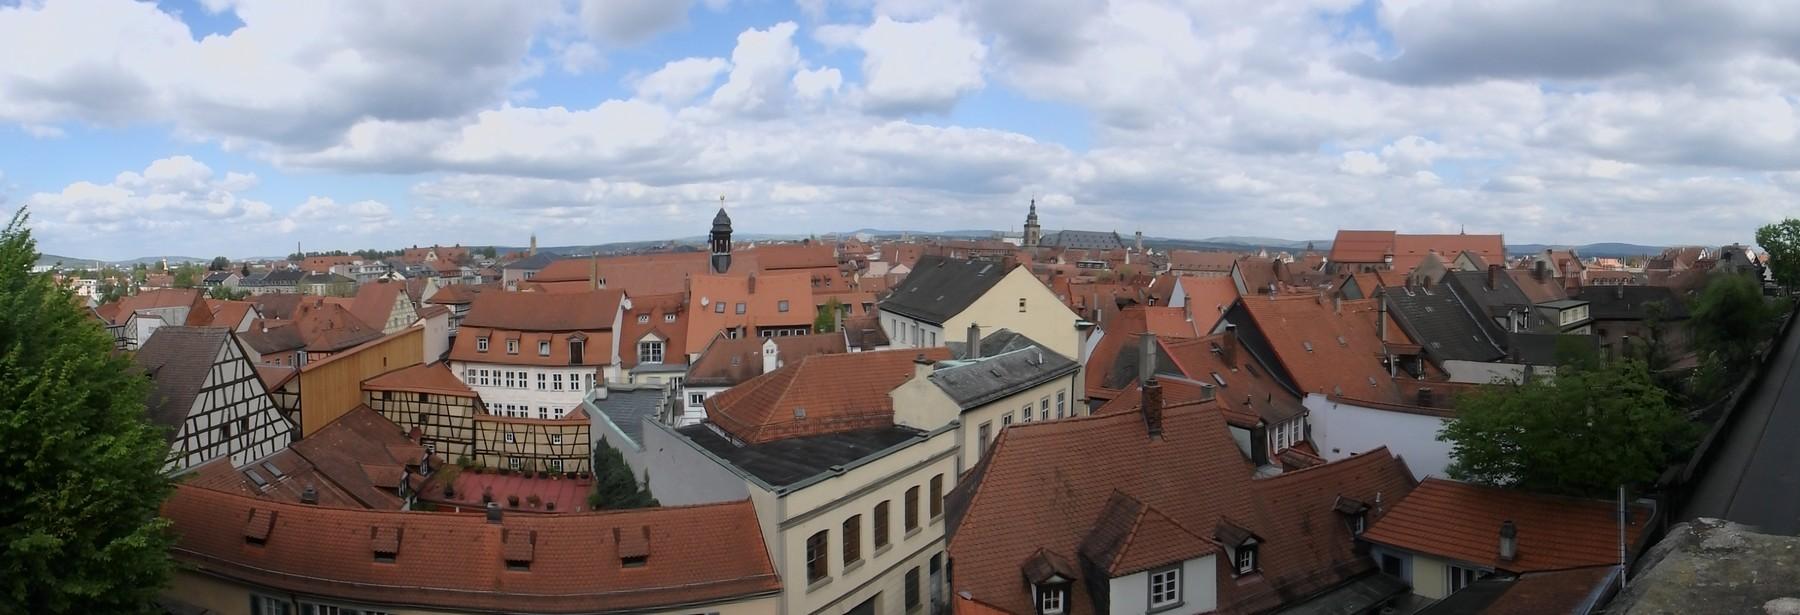 P4160179 Pano Bamberg Unesco Alemania